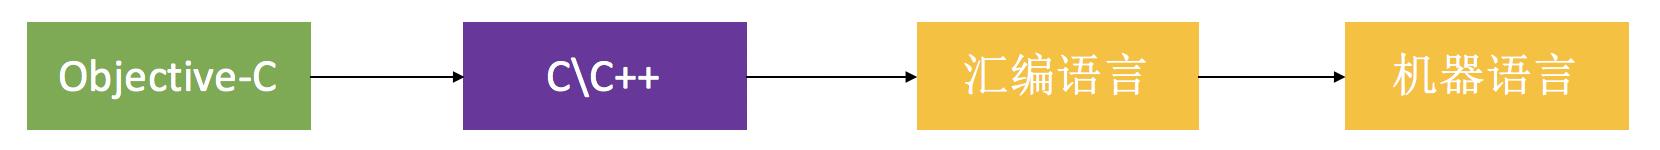 �幕快照 2018-11-08 下�7.24.53